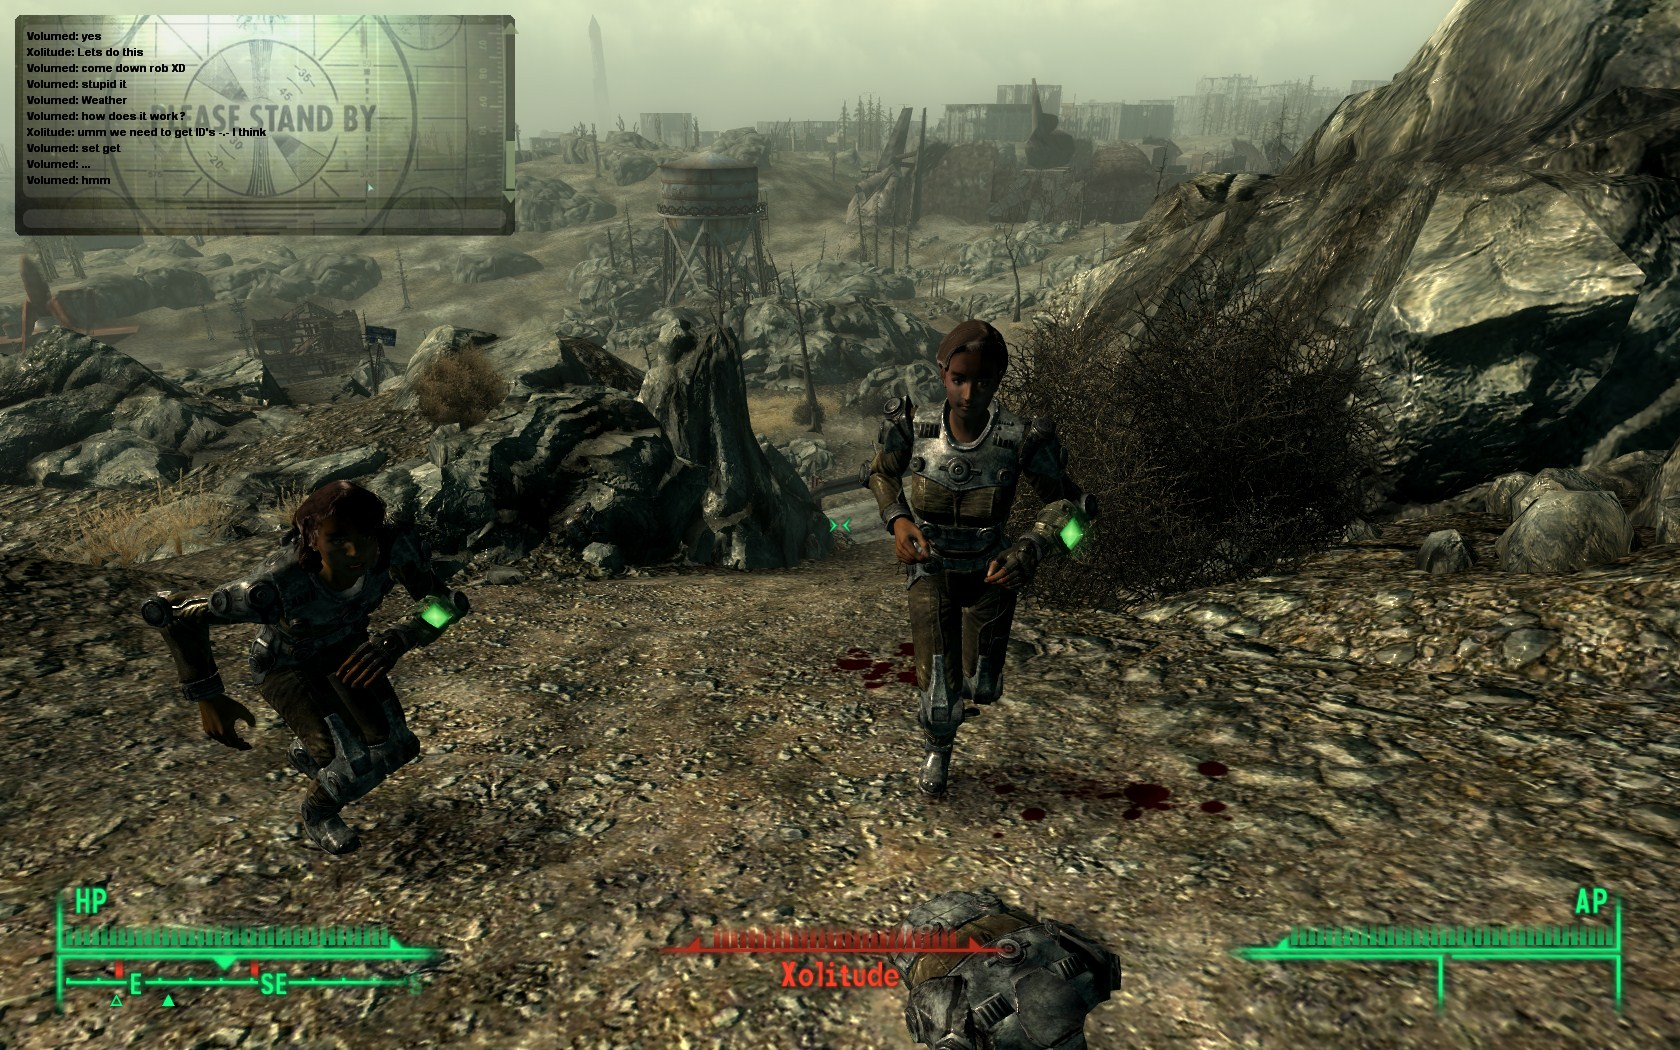 скачать мод на fallout 3 мультиплеер